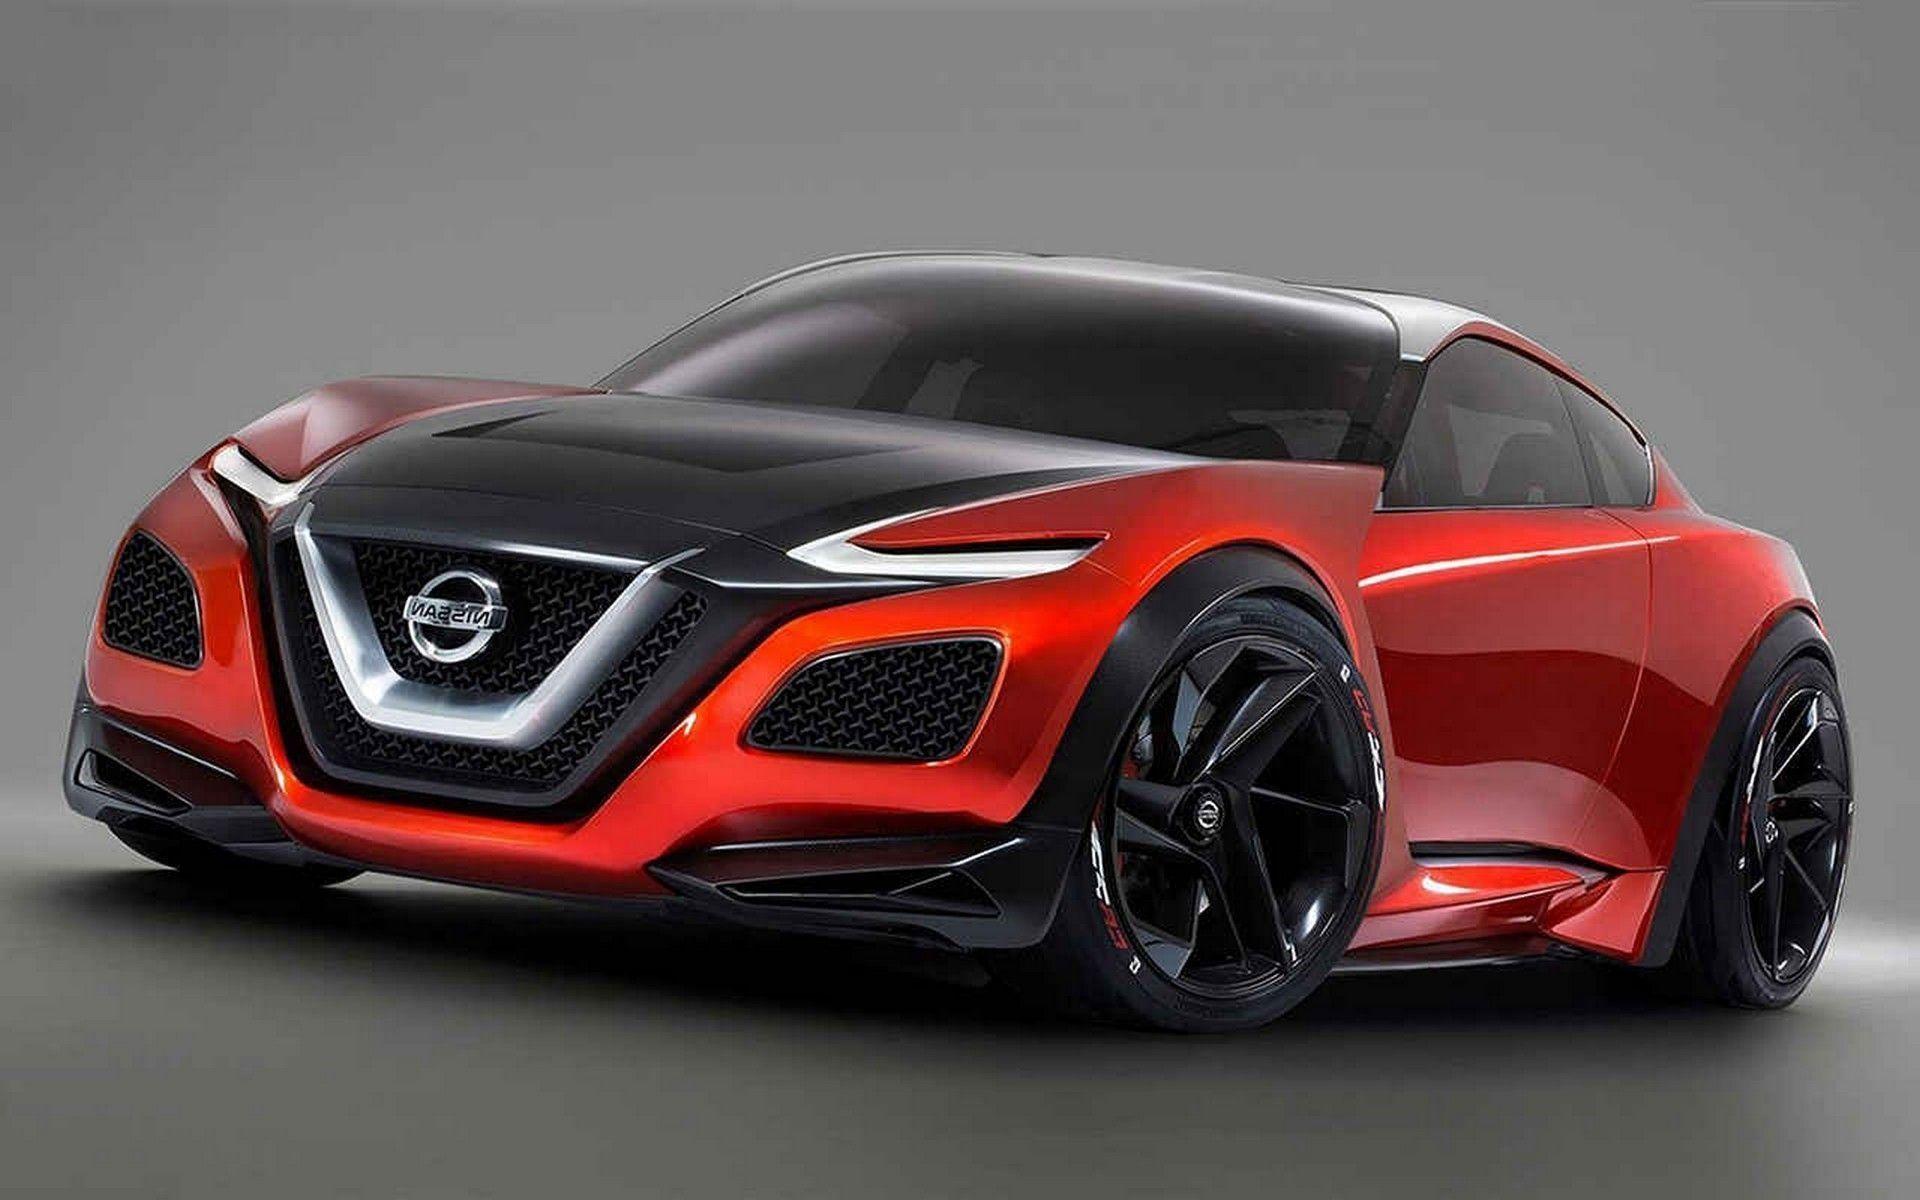 Nissan Z Exterior 2020 Engine Nissan Z Cars Nissan Z Nissan 370z Nismo